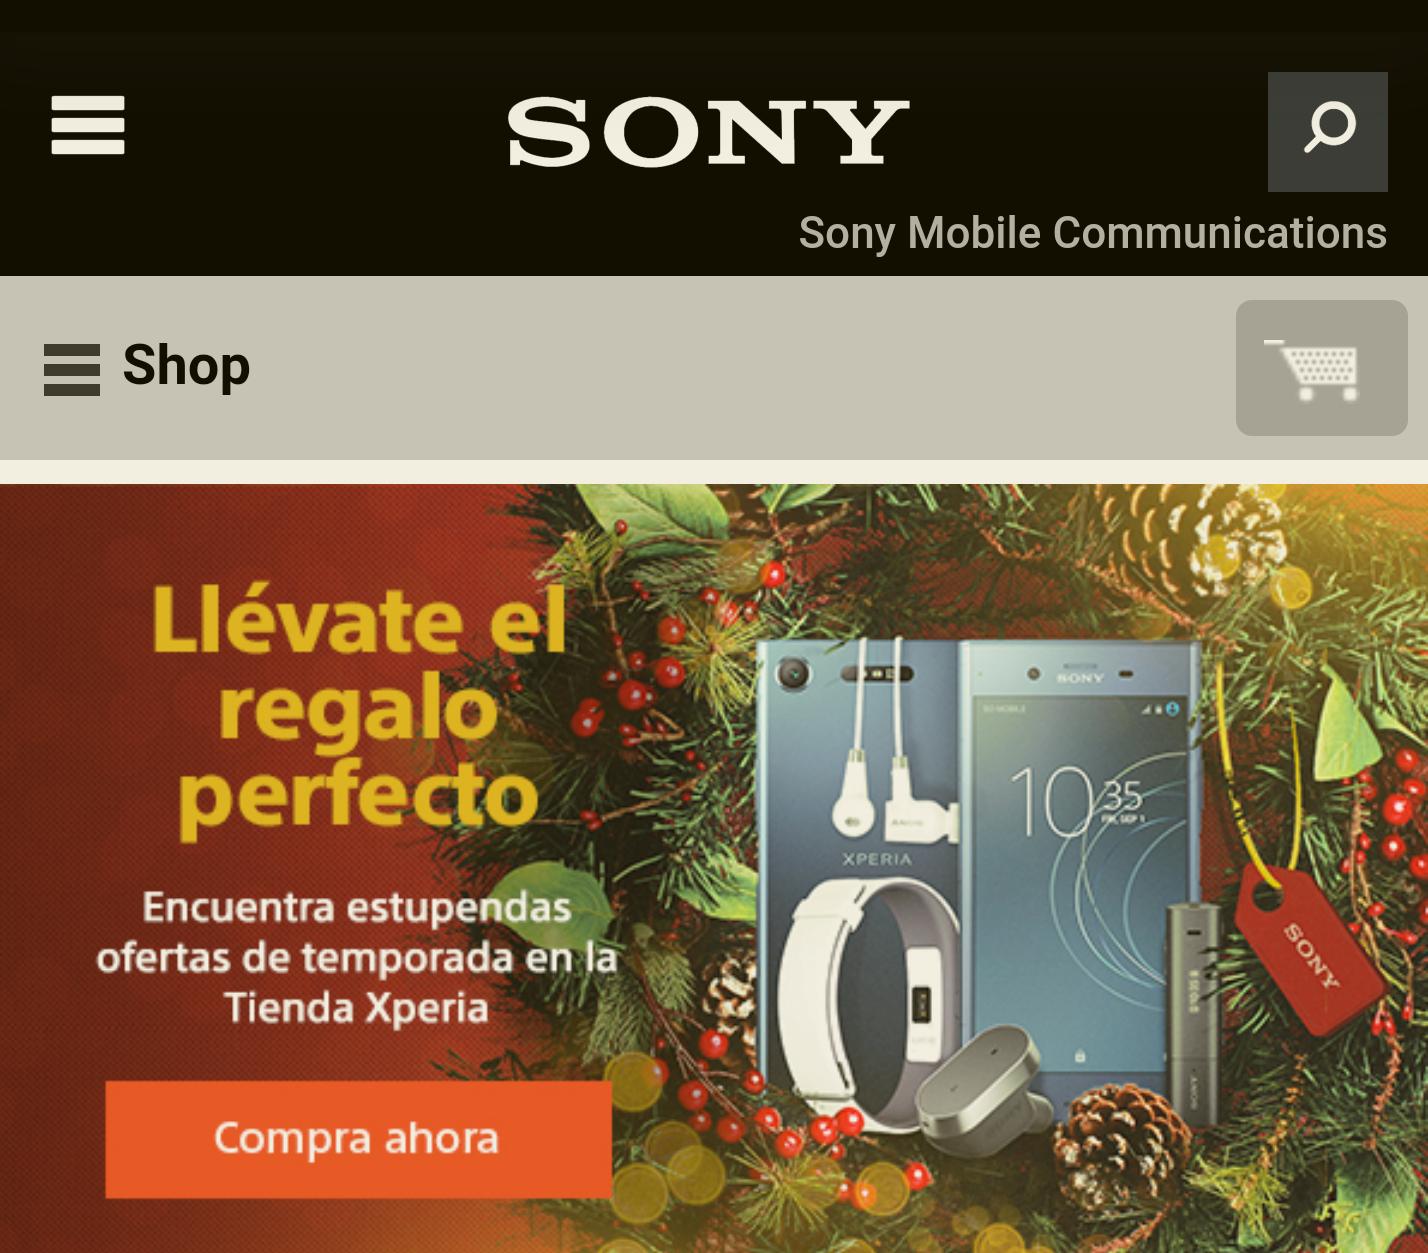 Productos Sony con Descuento.